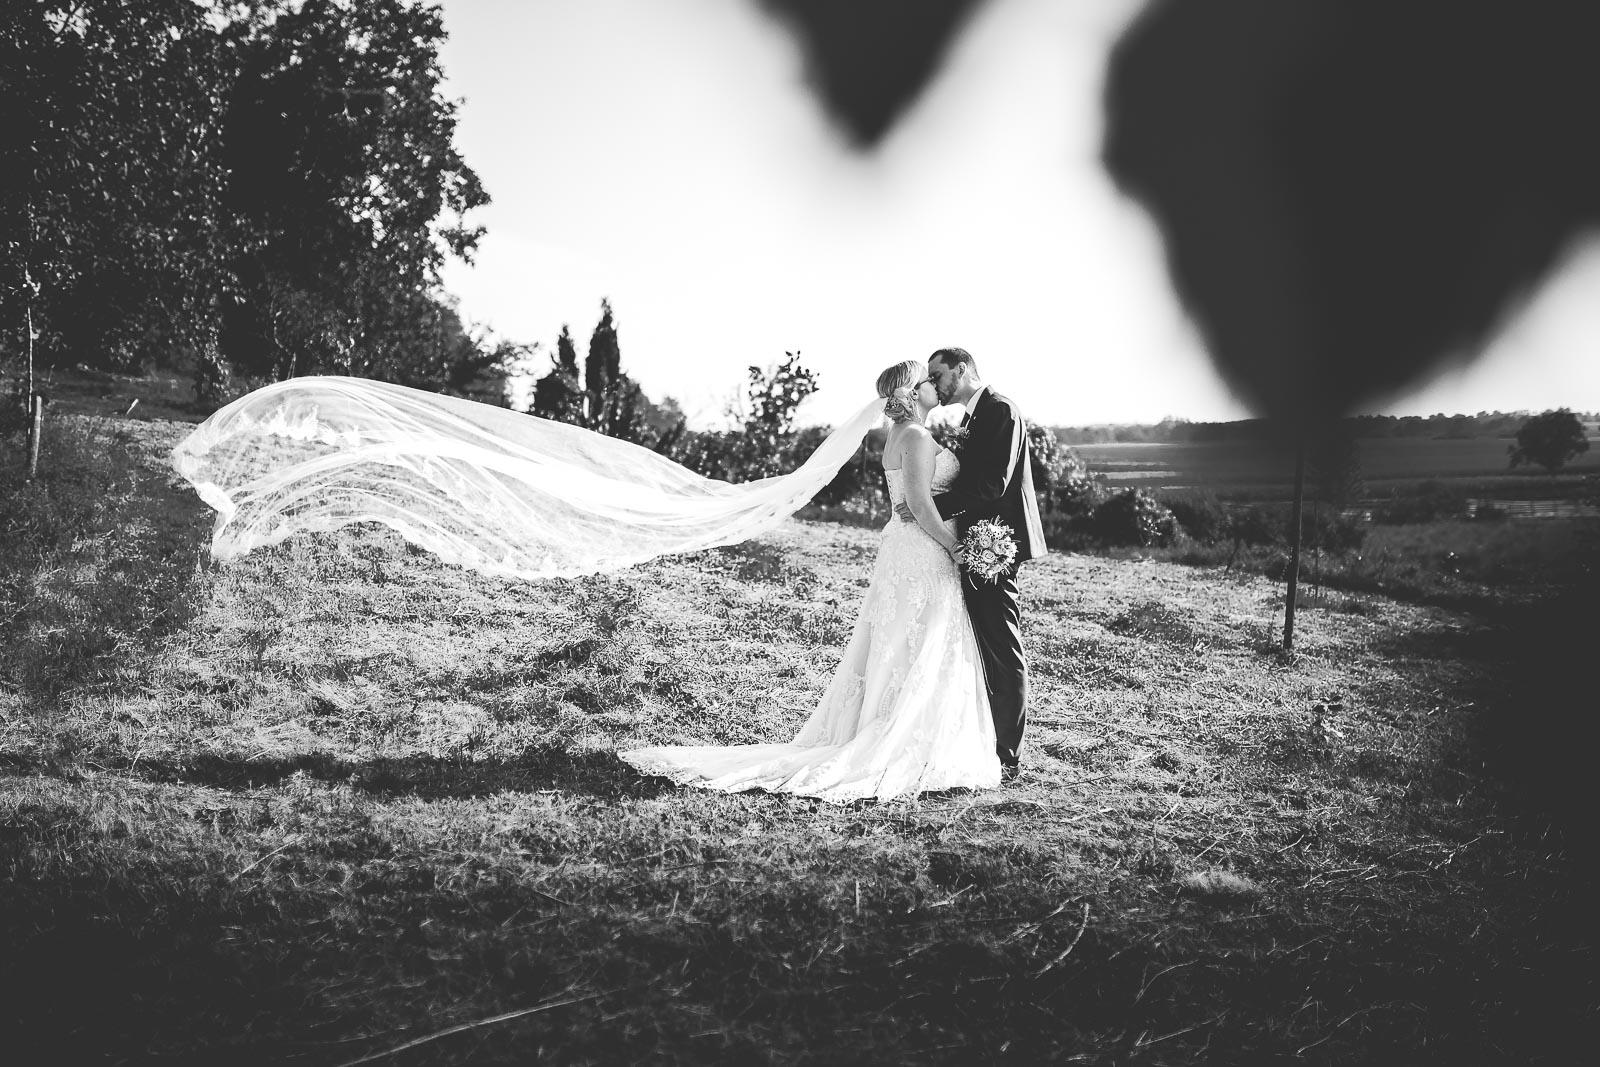 Hochzeitsfotograf Dominik Sackmann - lichtwerk Foto Video Grafik - Freiburg, Kirchzarten, Dreisamtal - Brautkleid Kuss Dynamik